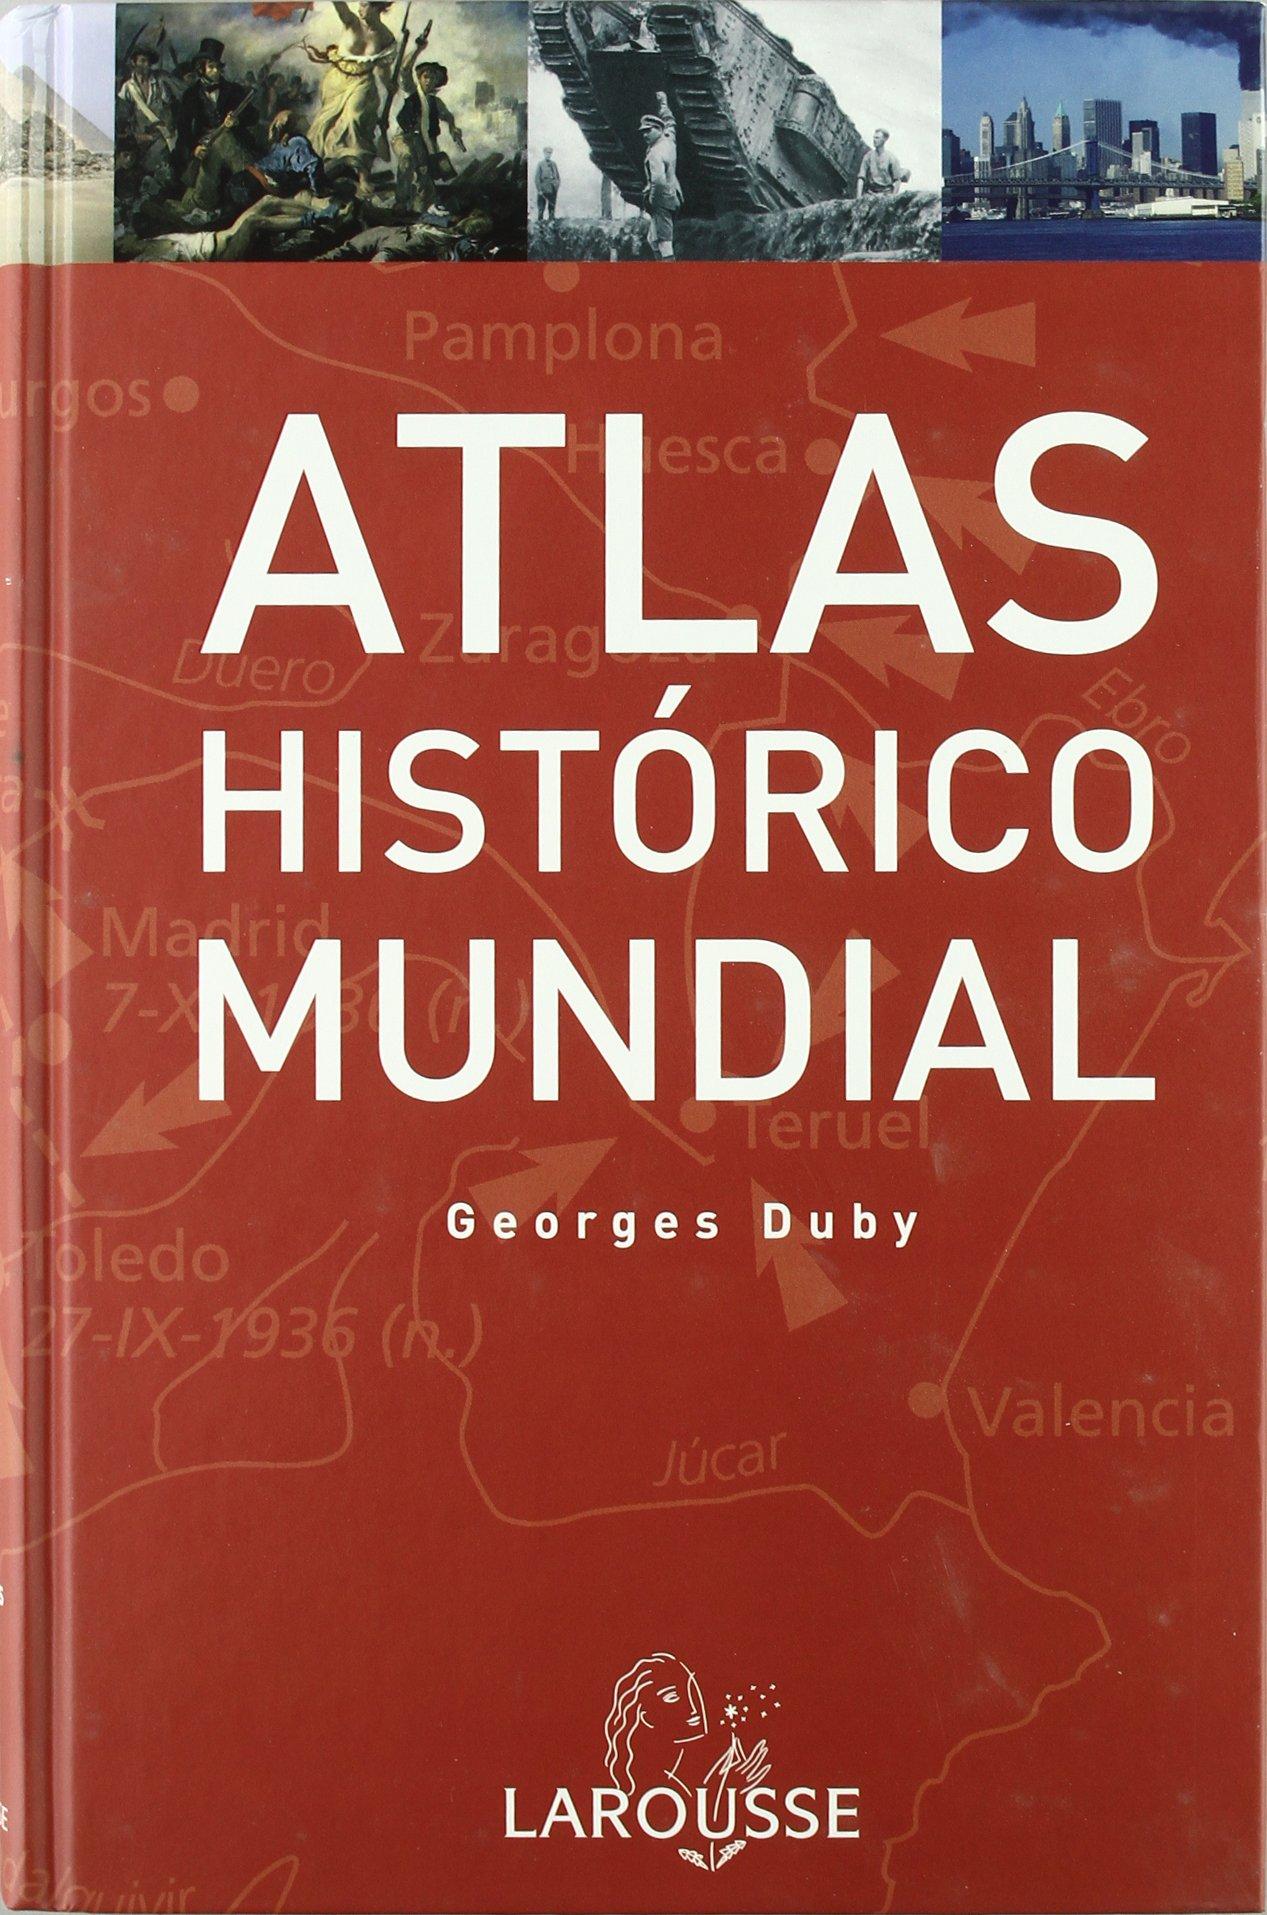 Atlas historico mundial: Amazon.es: Duby, Georges: Libros